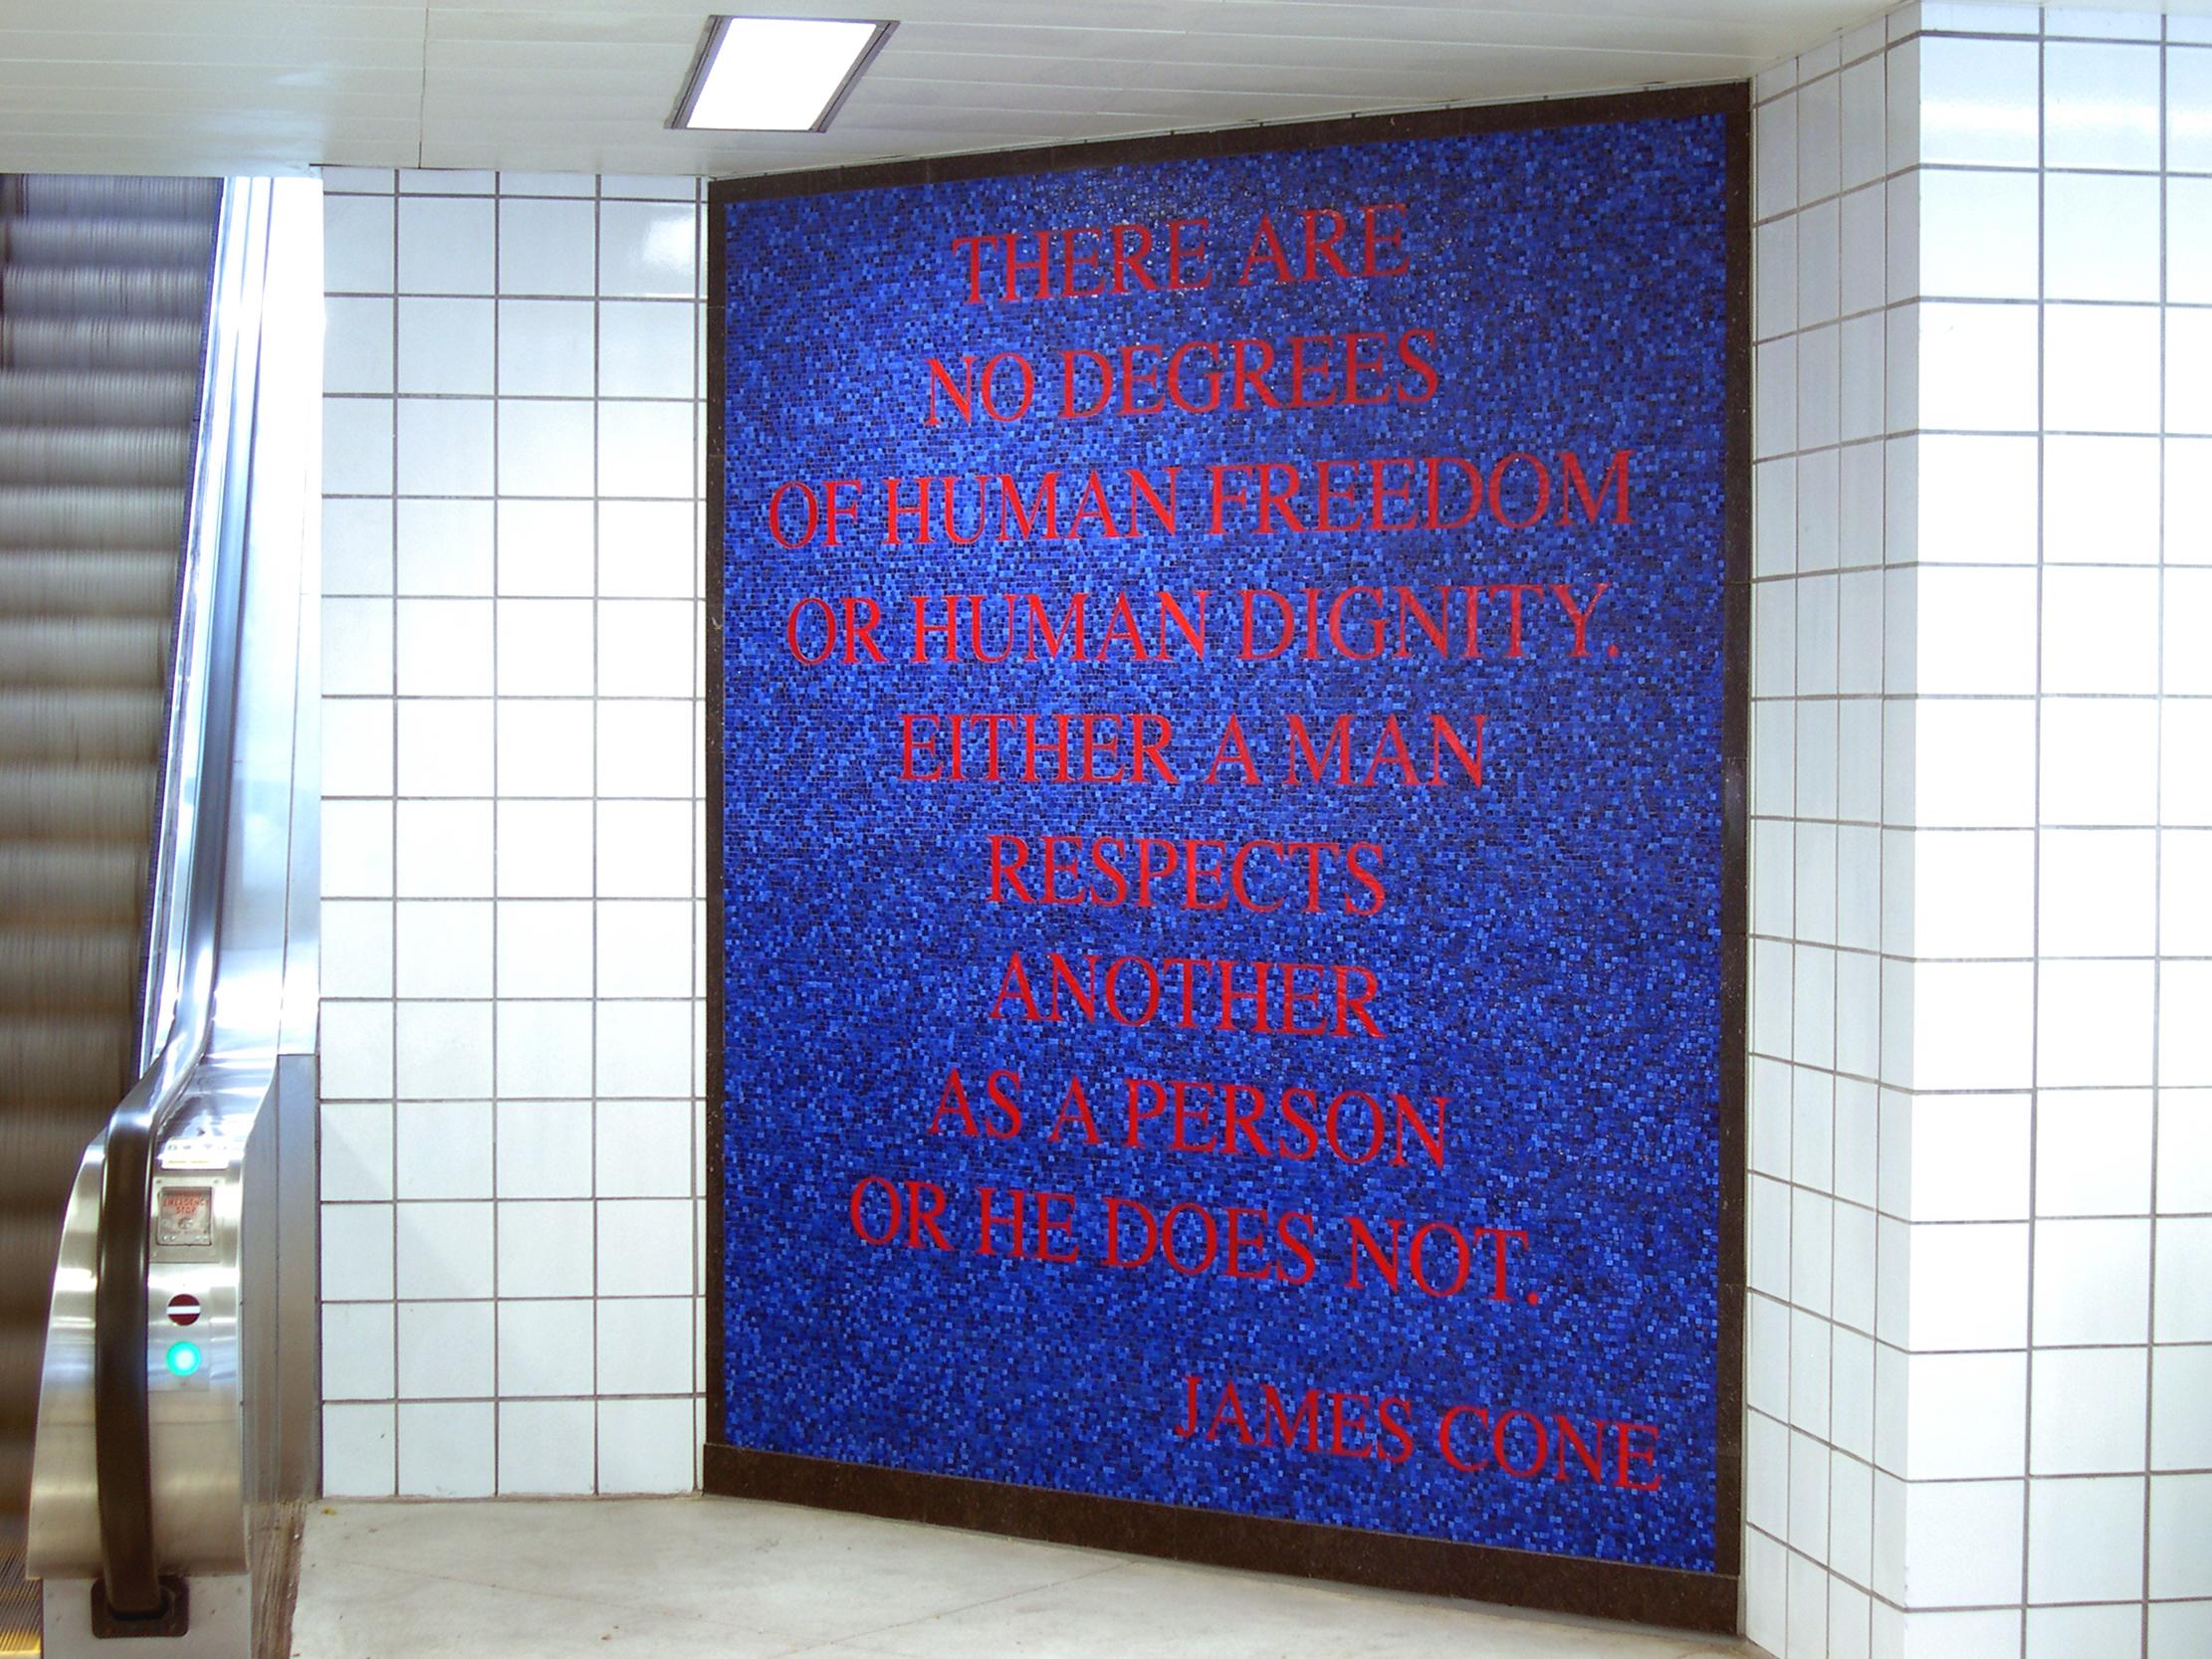 Pulaski Station Mosaics